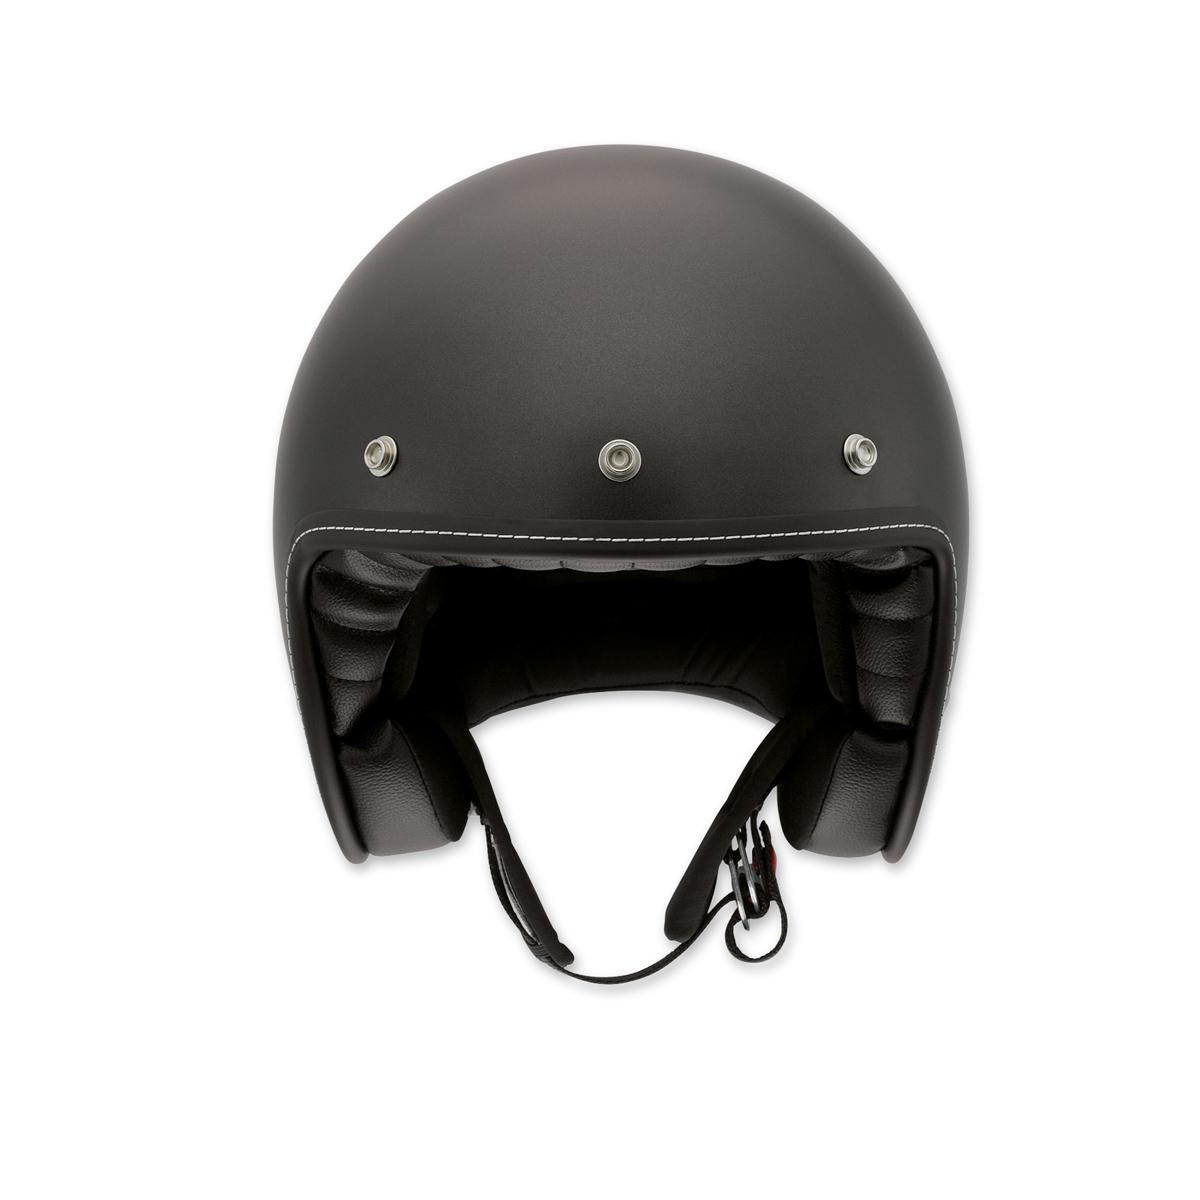 AGV RP60 Helmet - The Transportation Revolution New